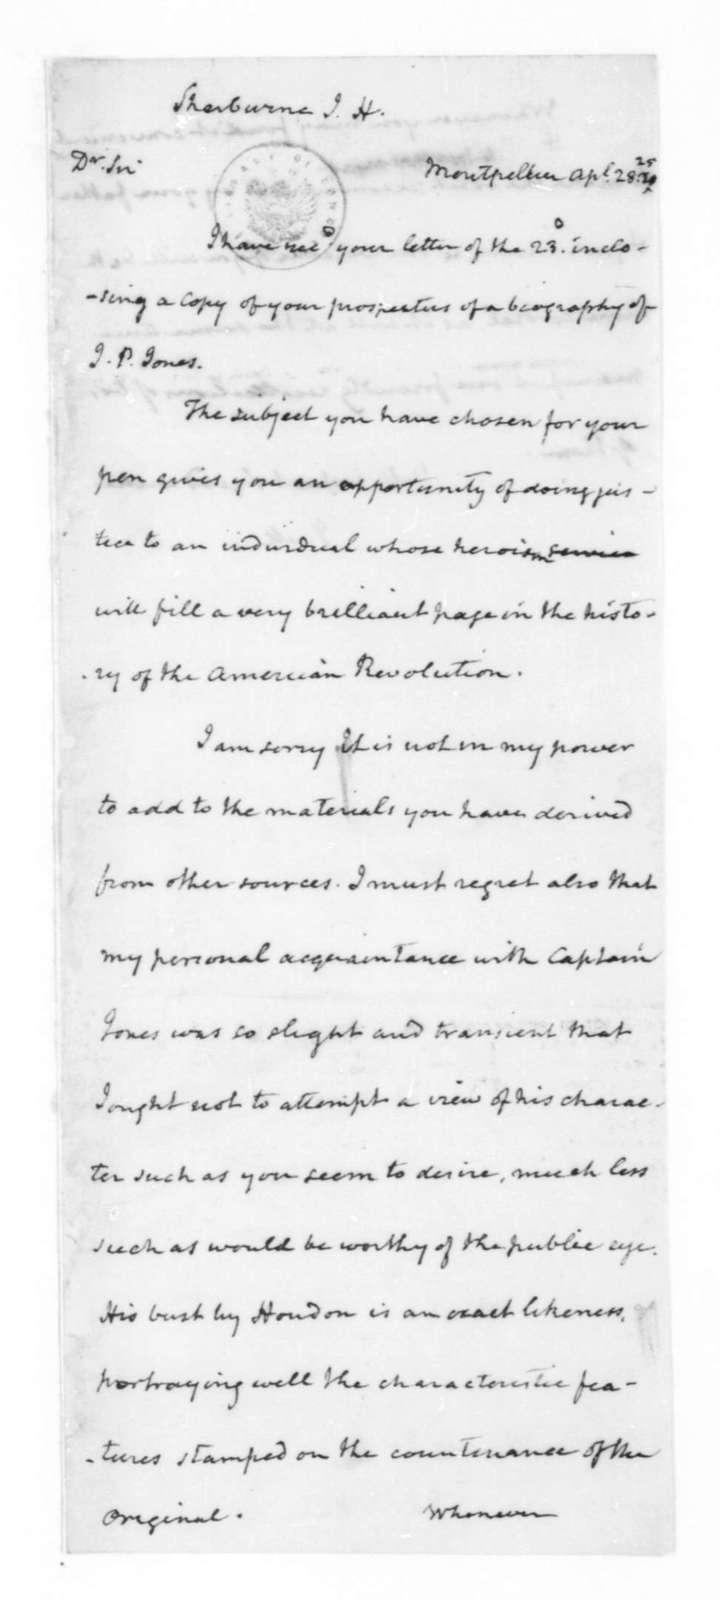 James Madison to John Henry Sherburne, April 28, 1825.